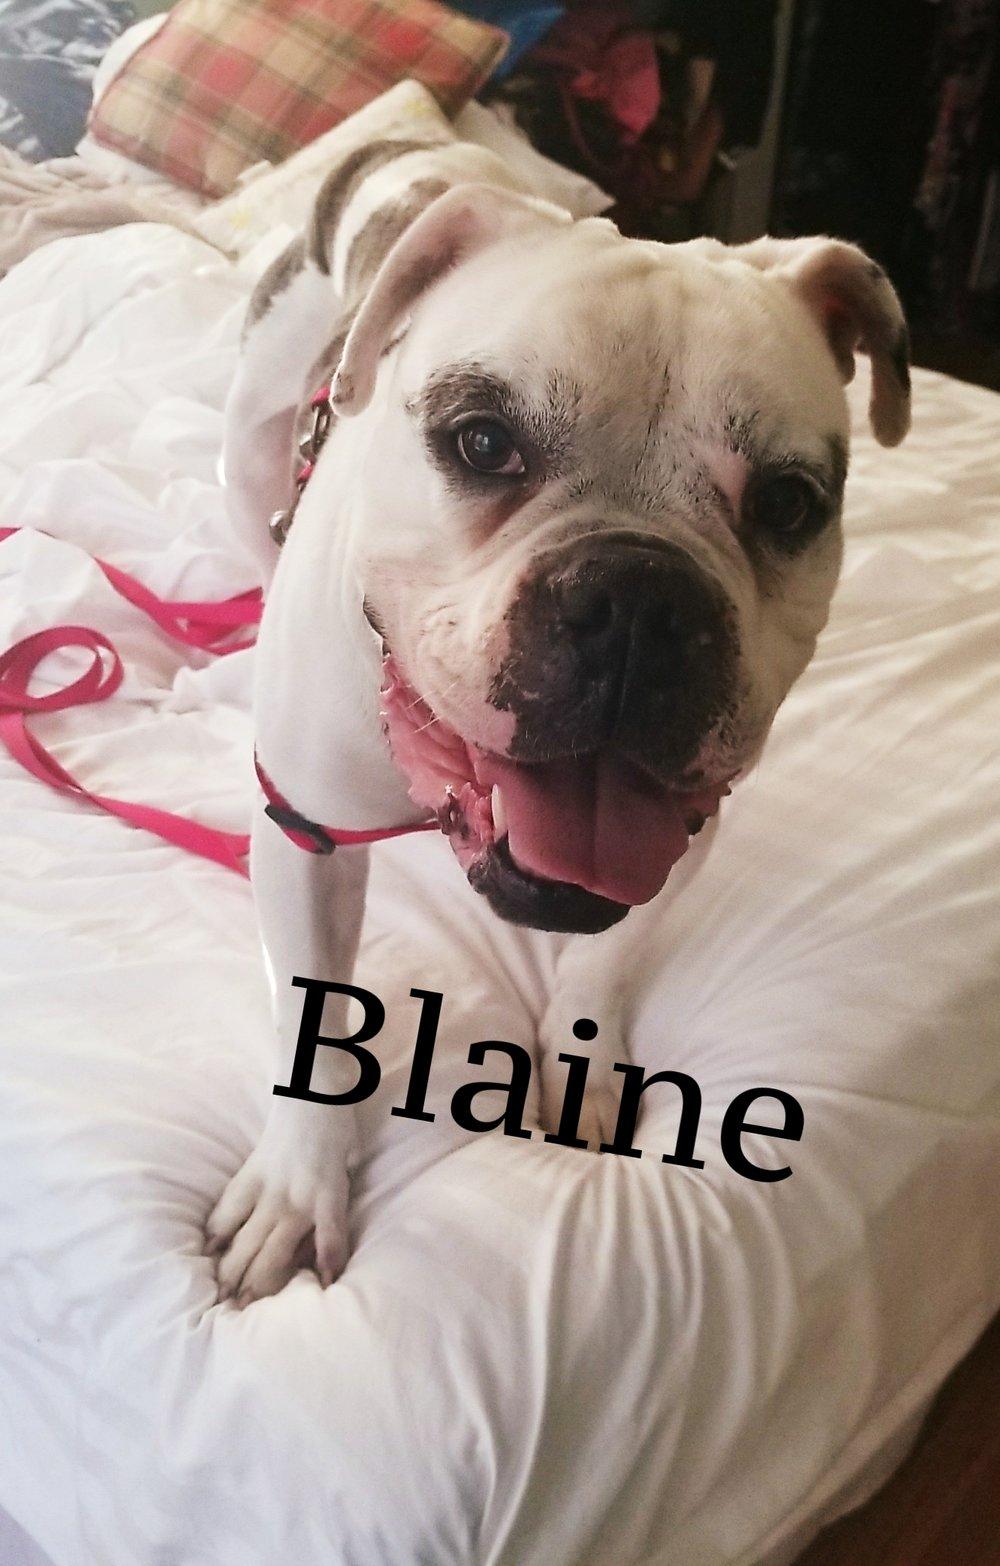 blaine.jpg